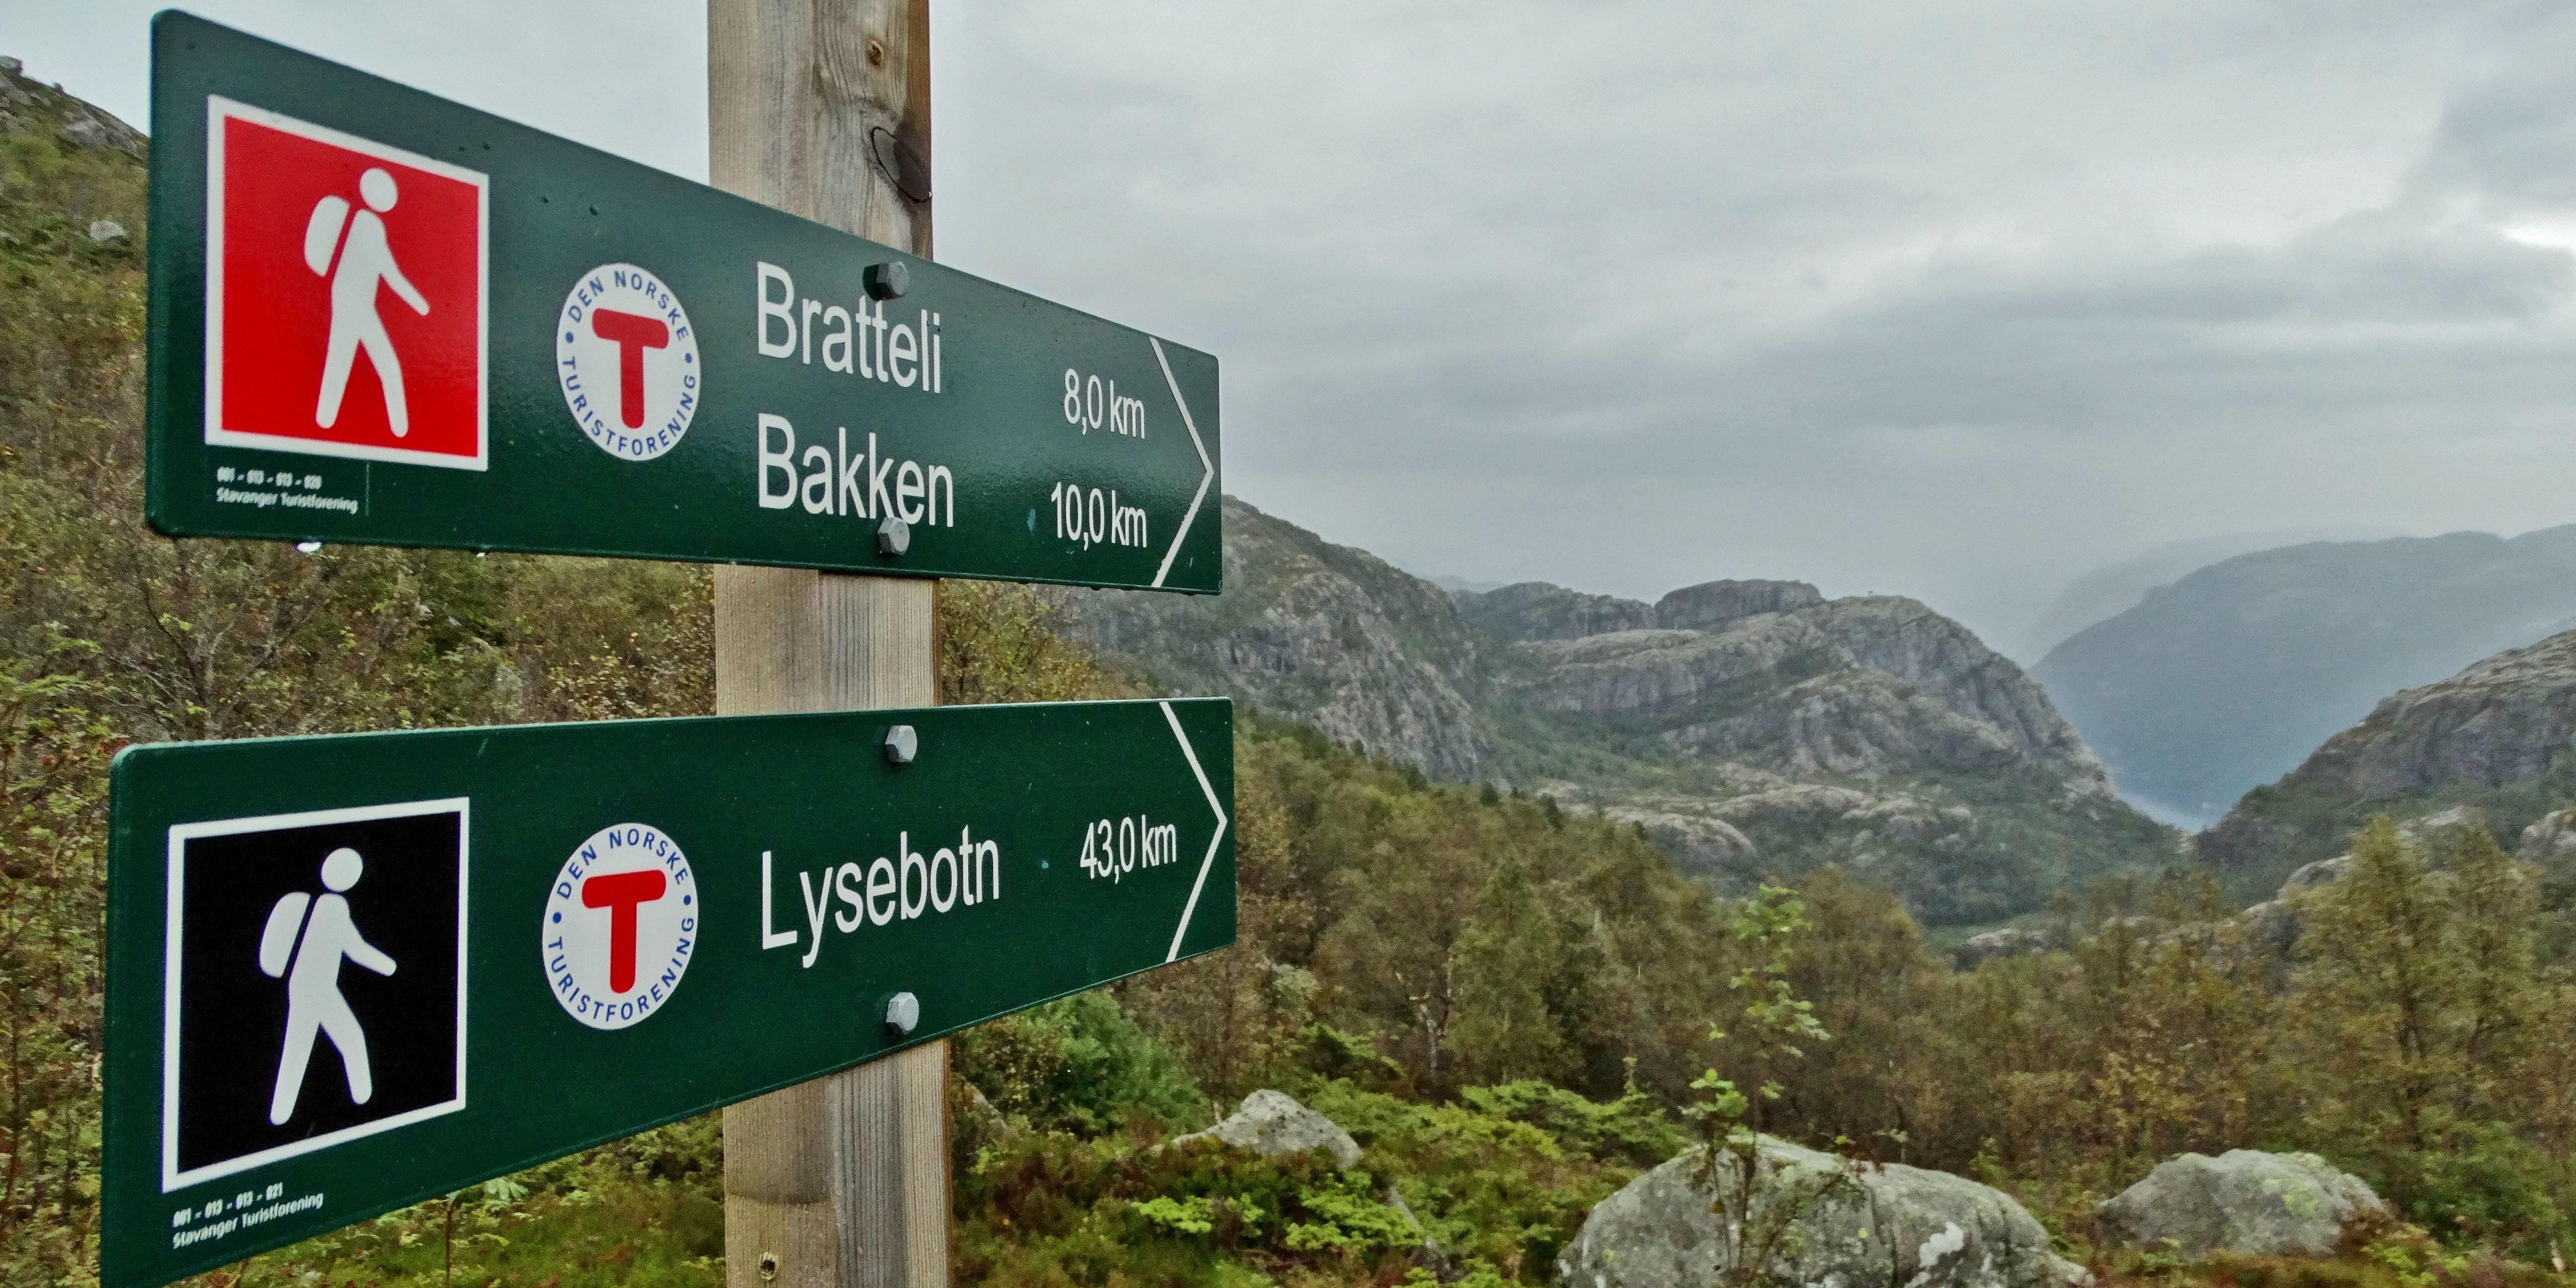 Szlakiem w kierunku Bratteli i Songesand. Dzika ścieżka z dala od turystów